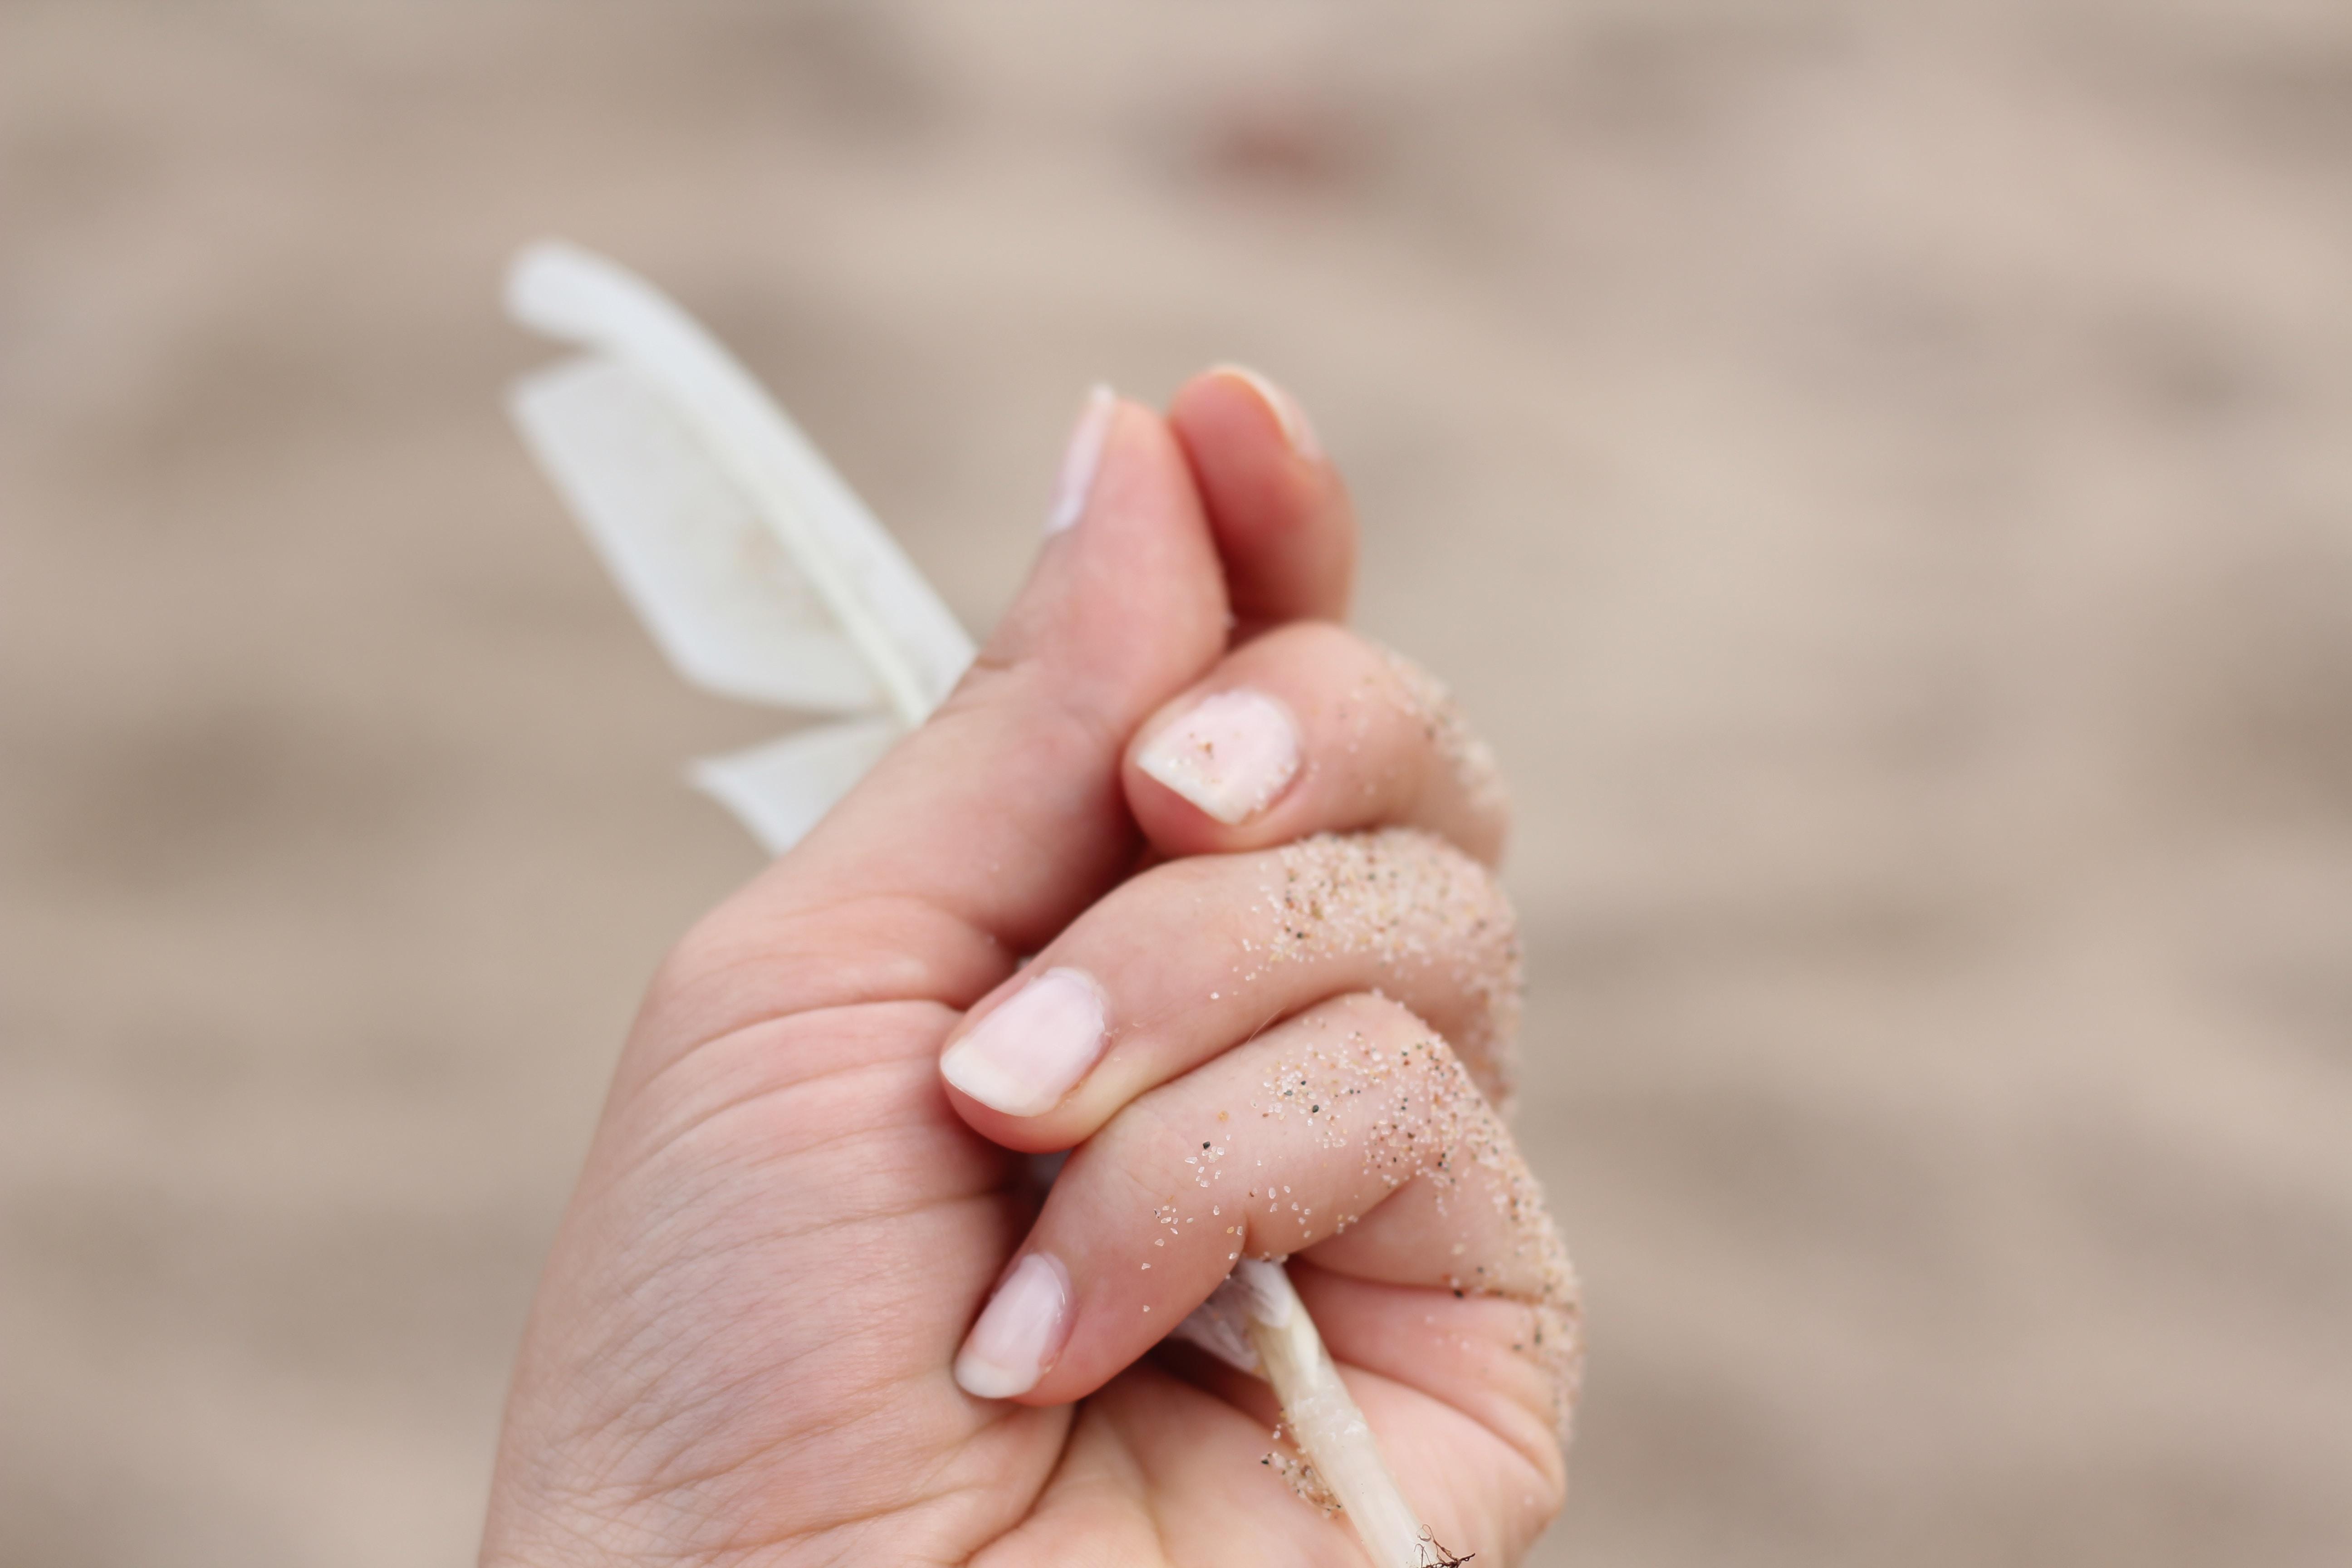 mejor producto para endurecer las uñas